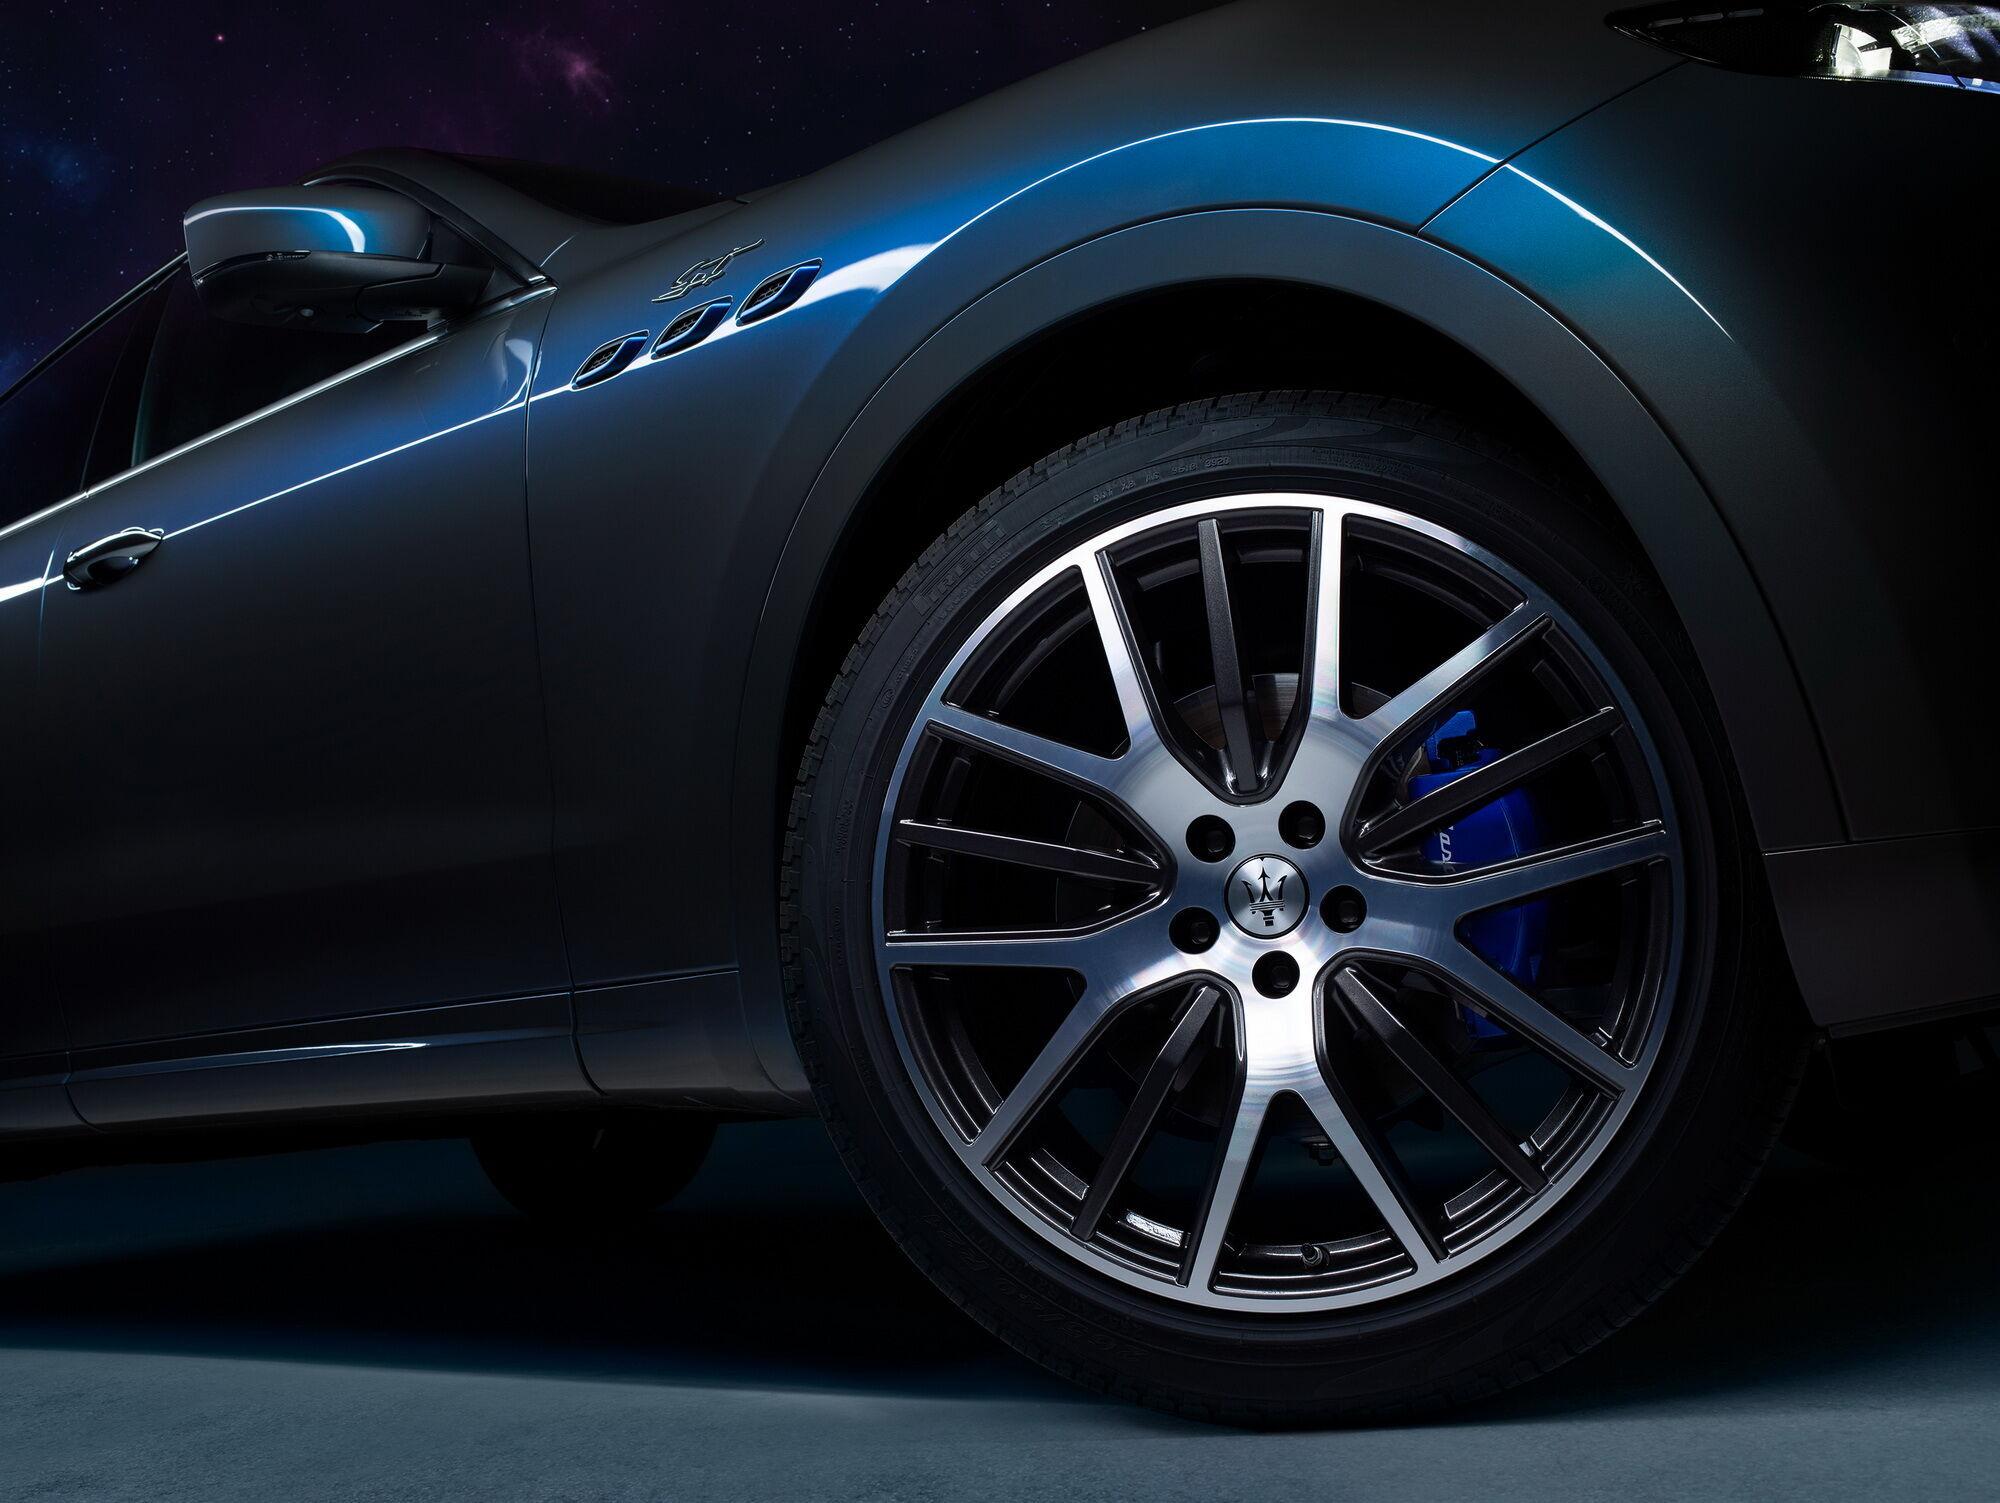 Автомобіль отримав оригінальне забарвлення і стильні колісні диски